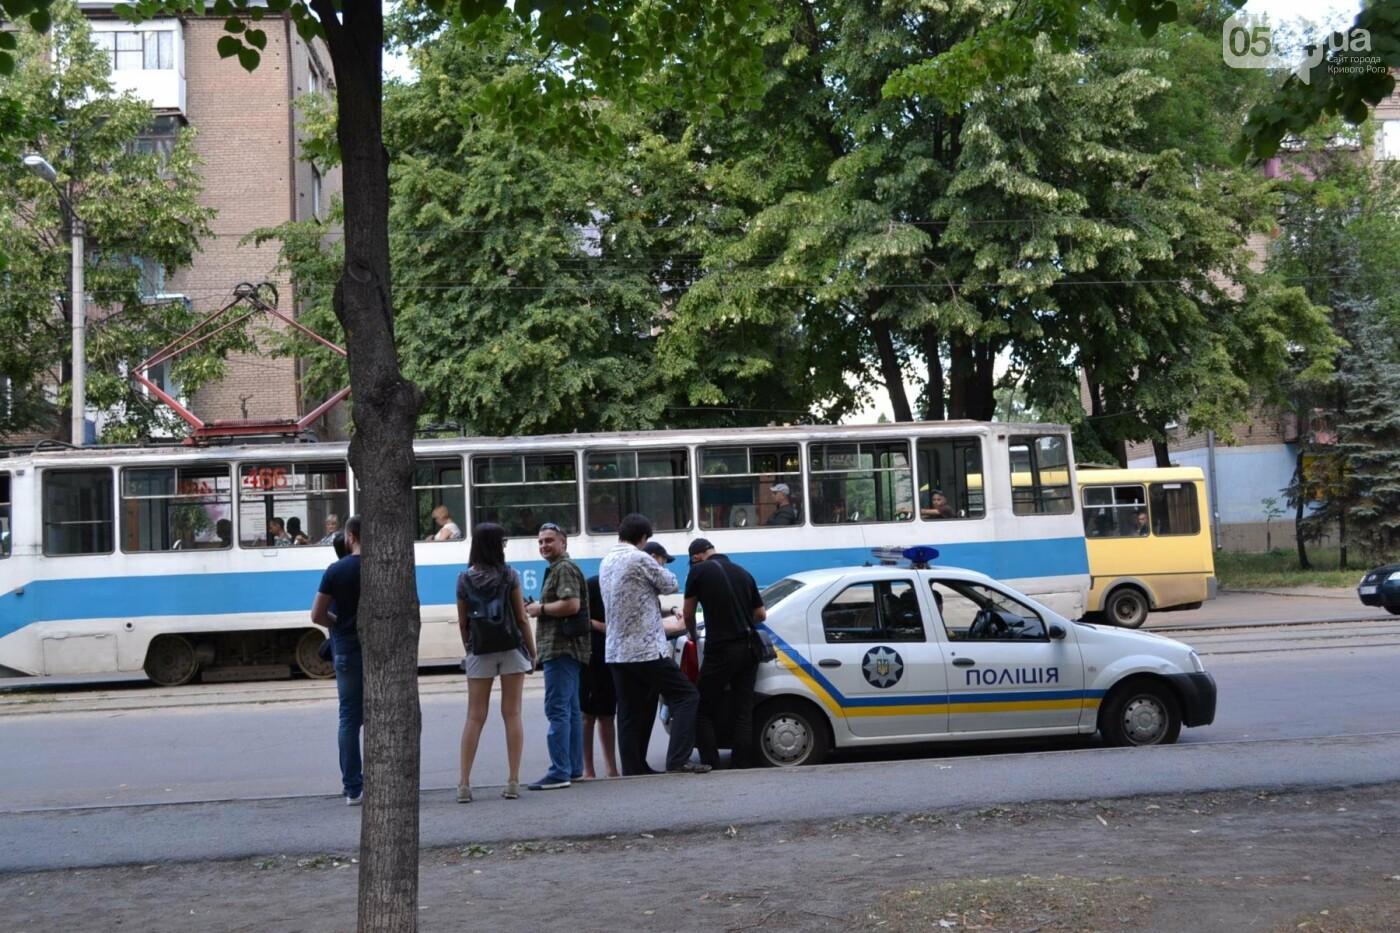 """В Кривом Роге активисты обнаружили очередную """"наливайку"""", а полицейский назвал это """"фигней"""", - ФОТО, ВИДЕО, фото-23"""